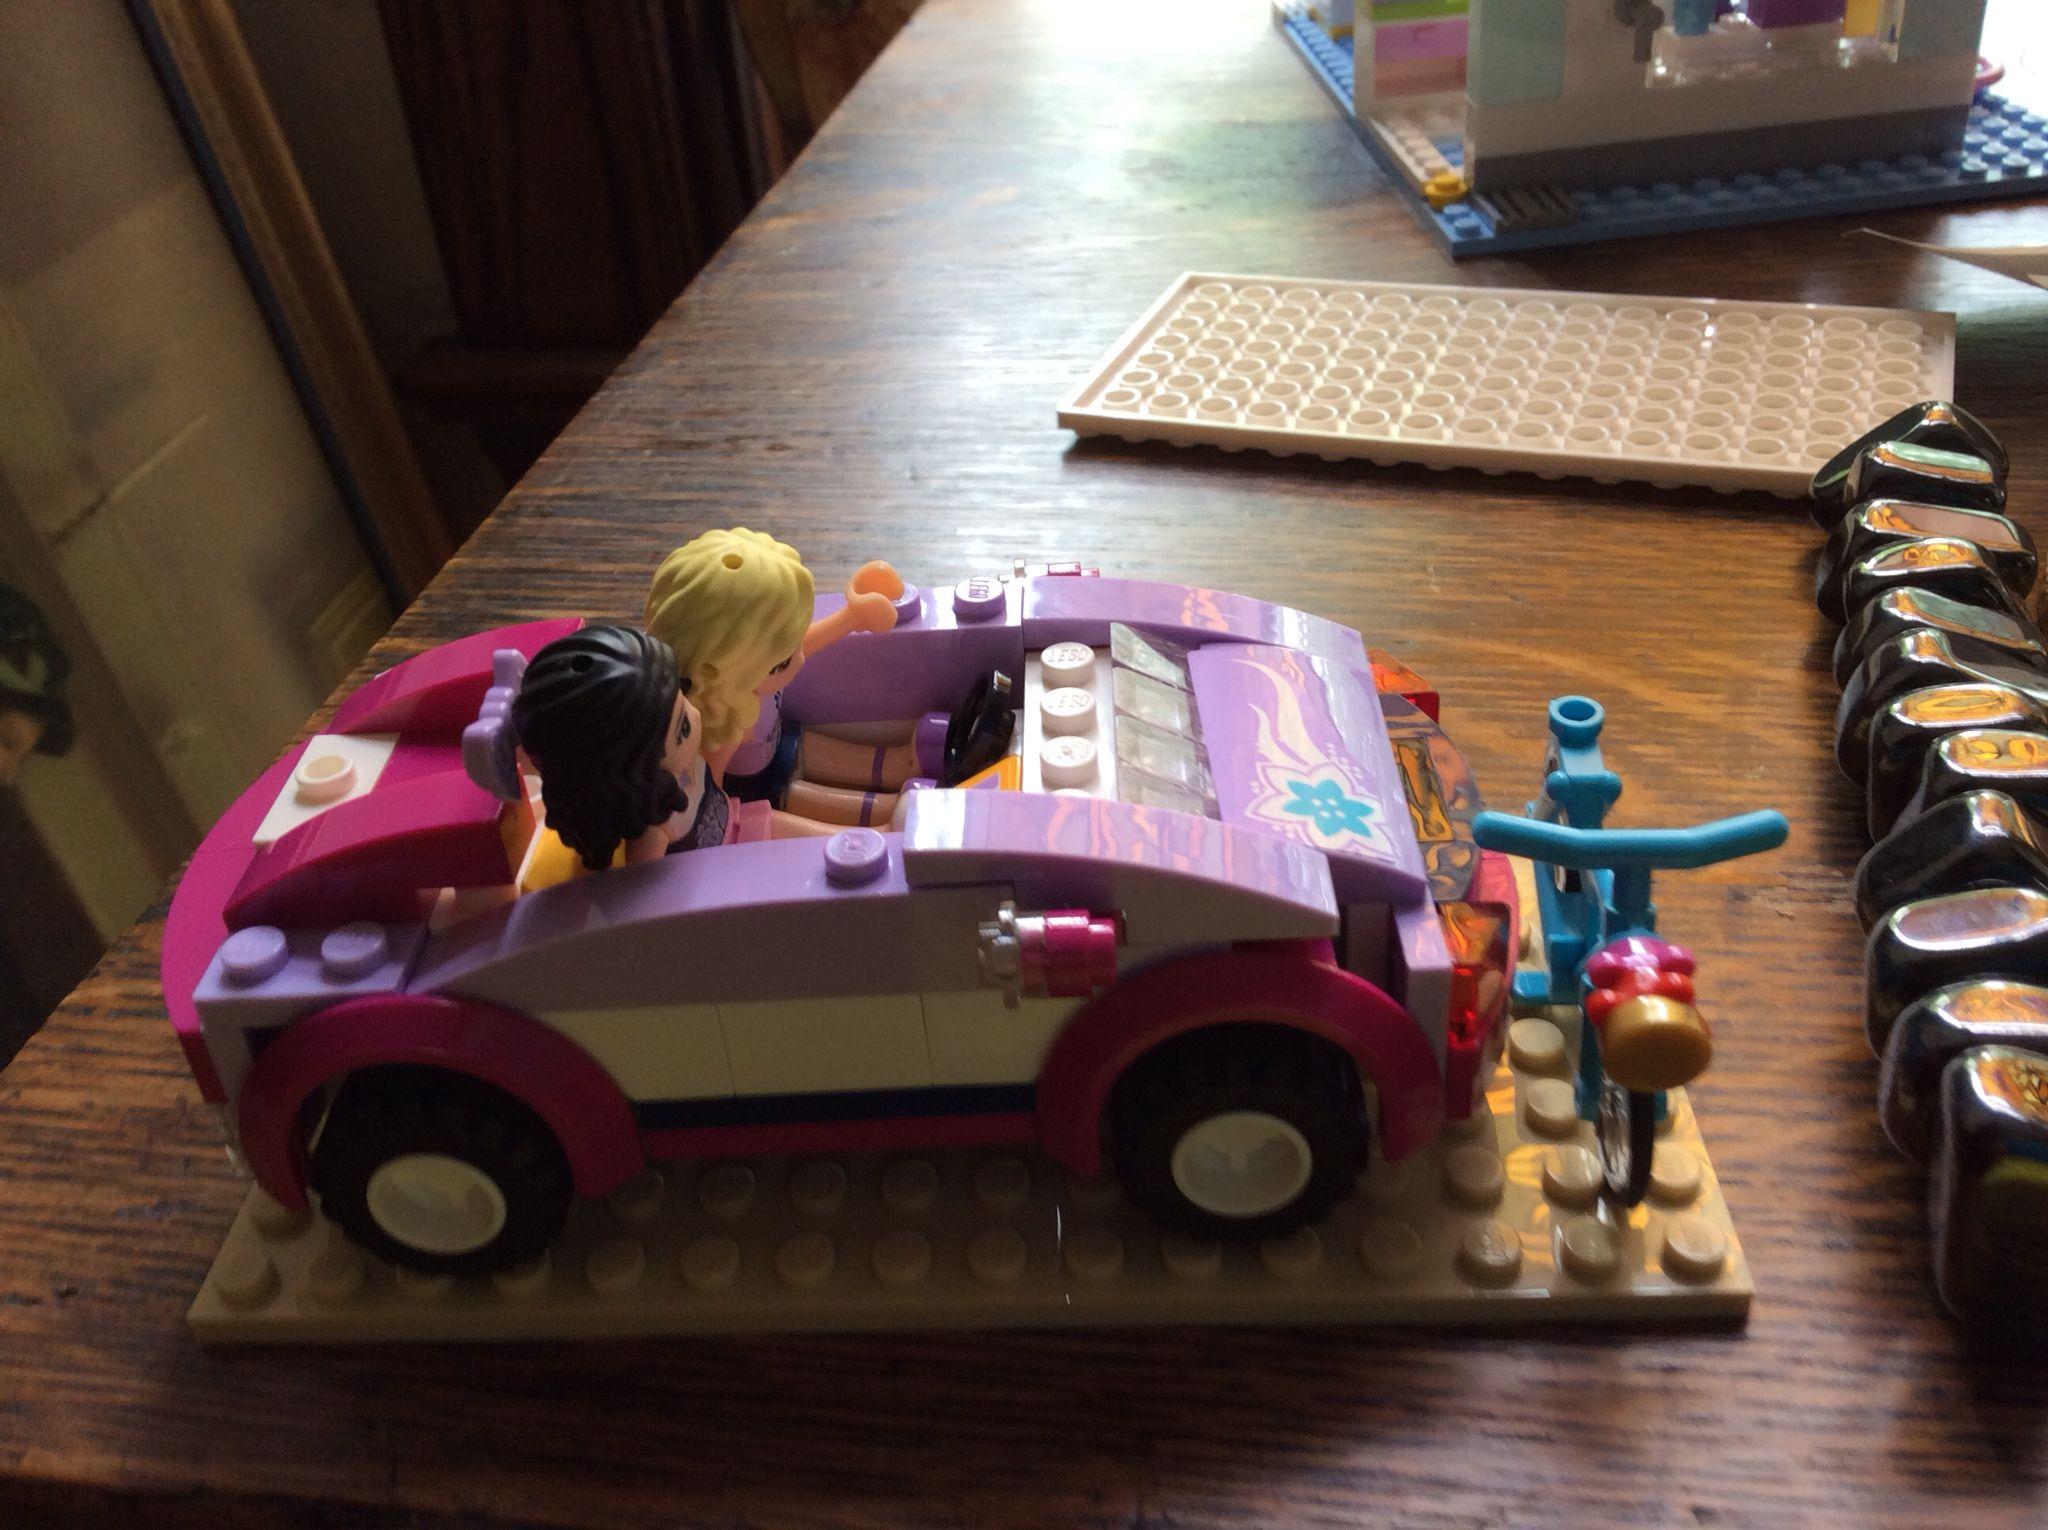 Lego car and bike.